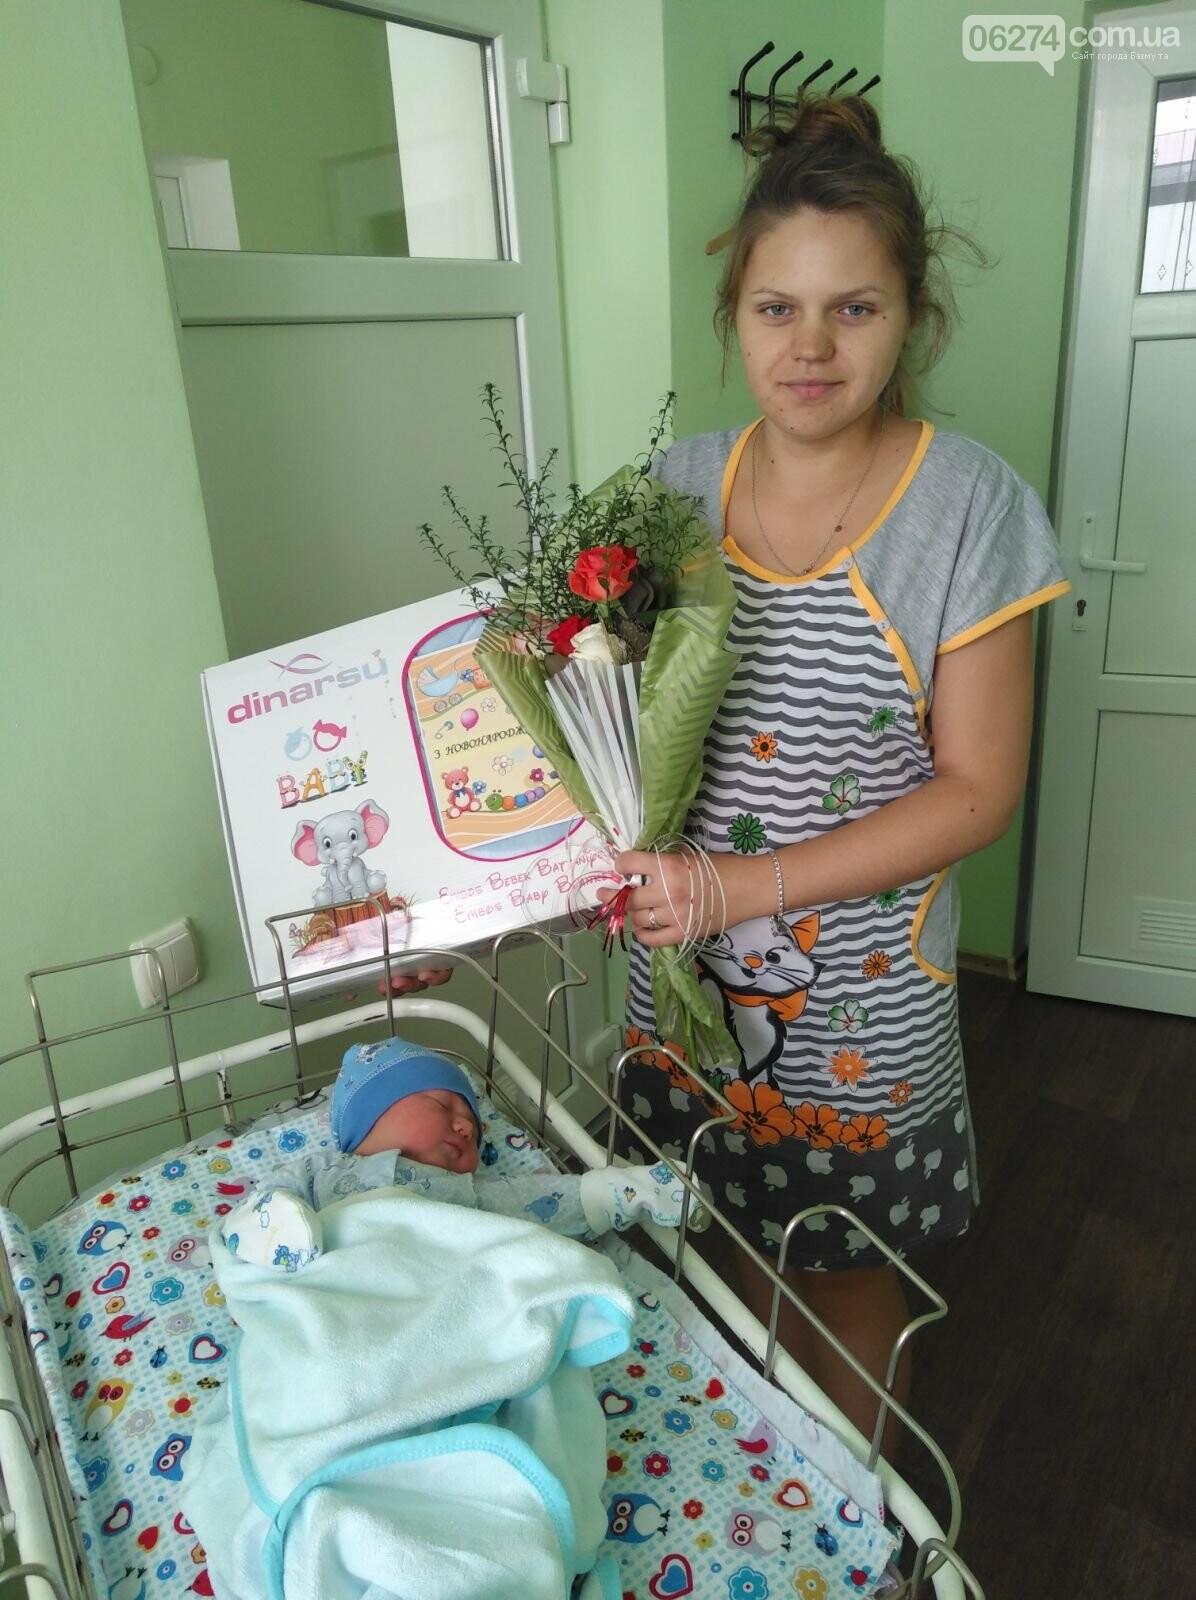 В предпраздничную неделю в Бахмутском роддоме родились 14 младенцев, фото-3